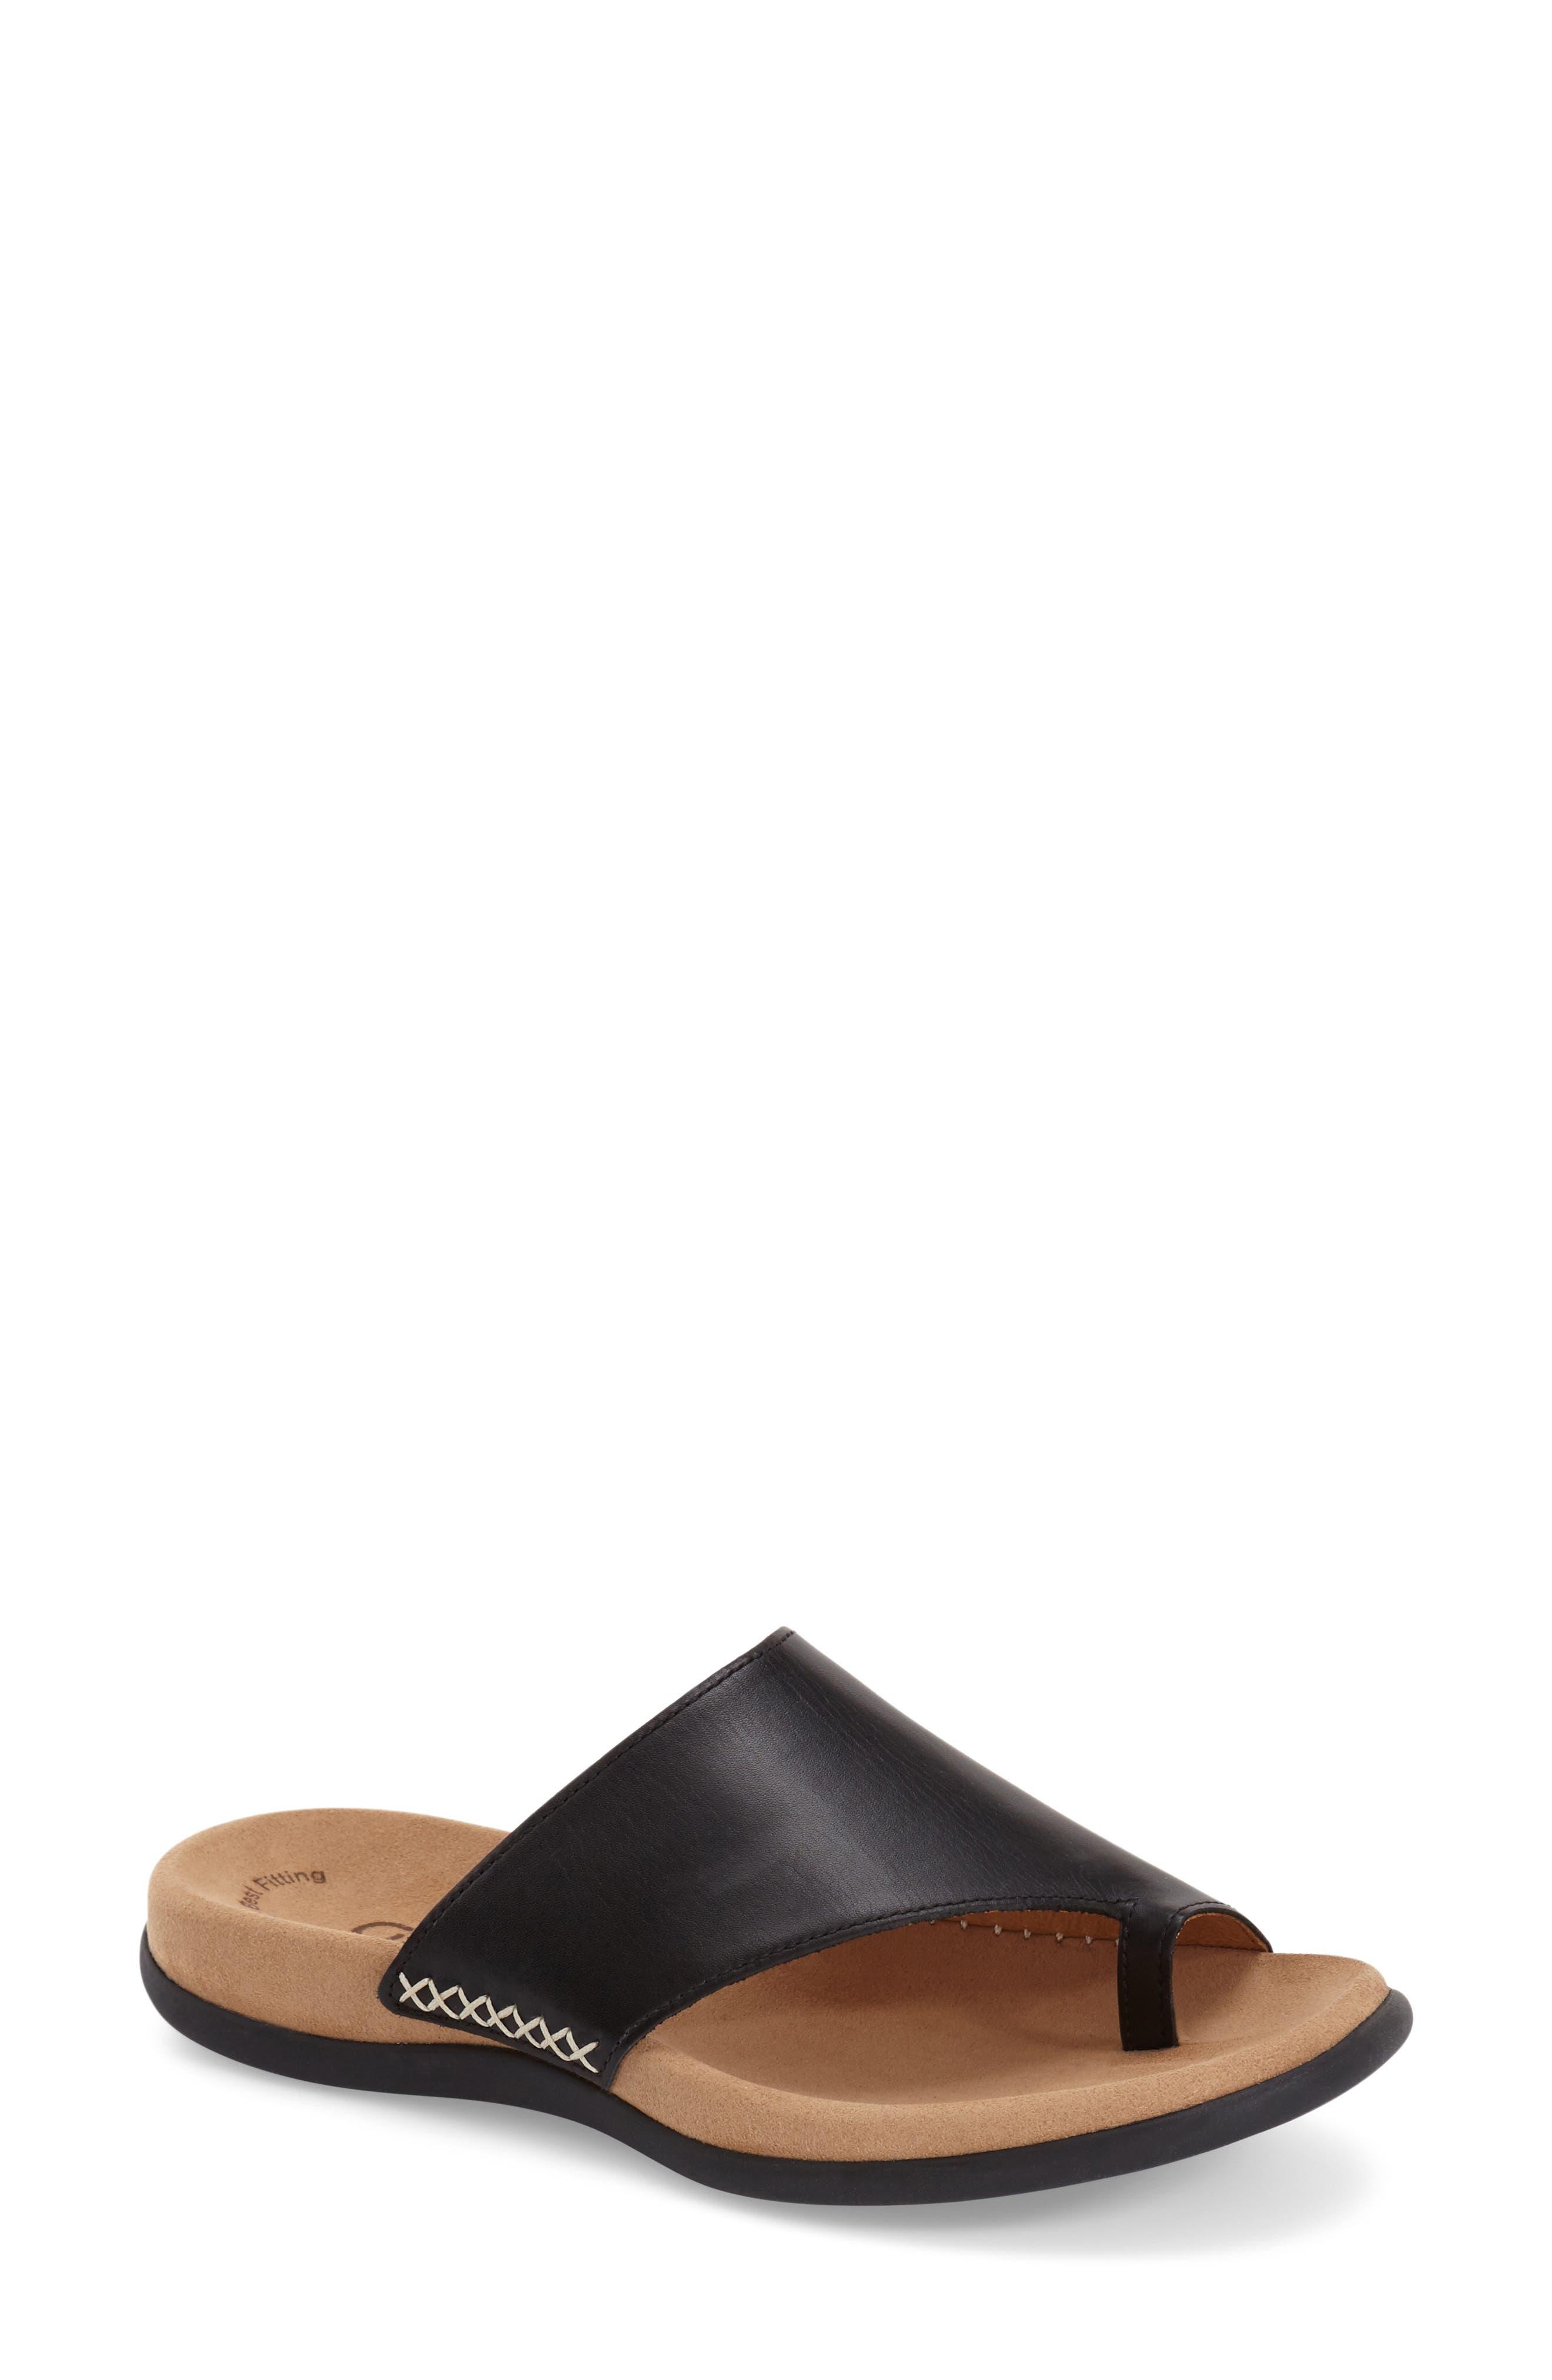 Toe Loop Sandal,                             Alternate thumbnail 4, color,                             BLACK NUBUCK LEATHER